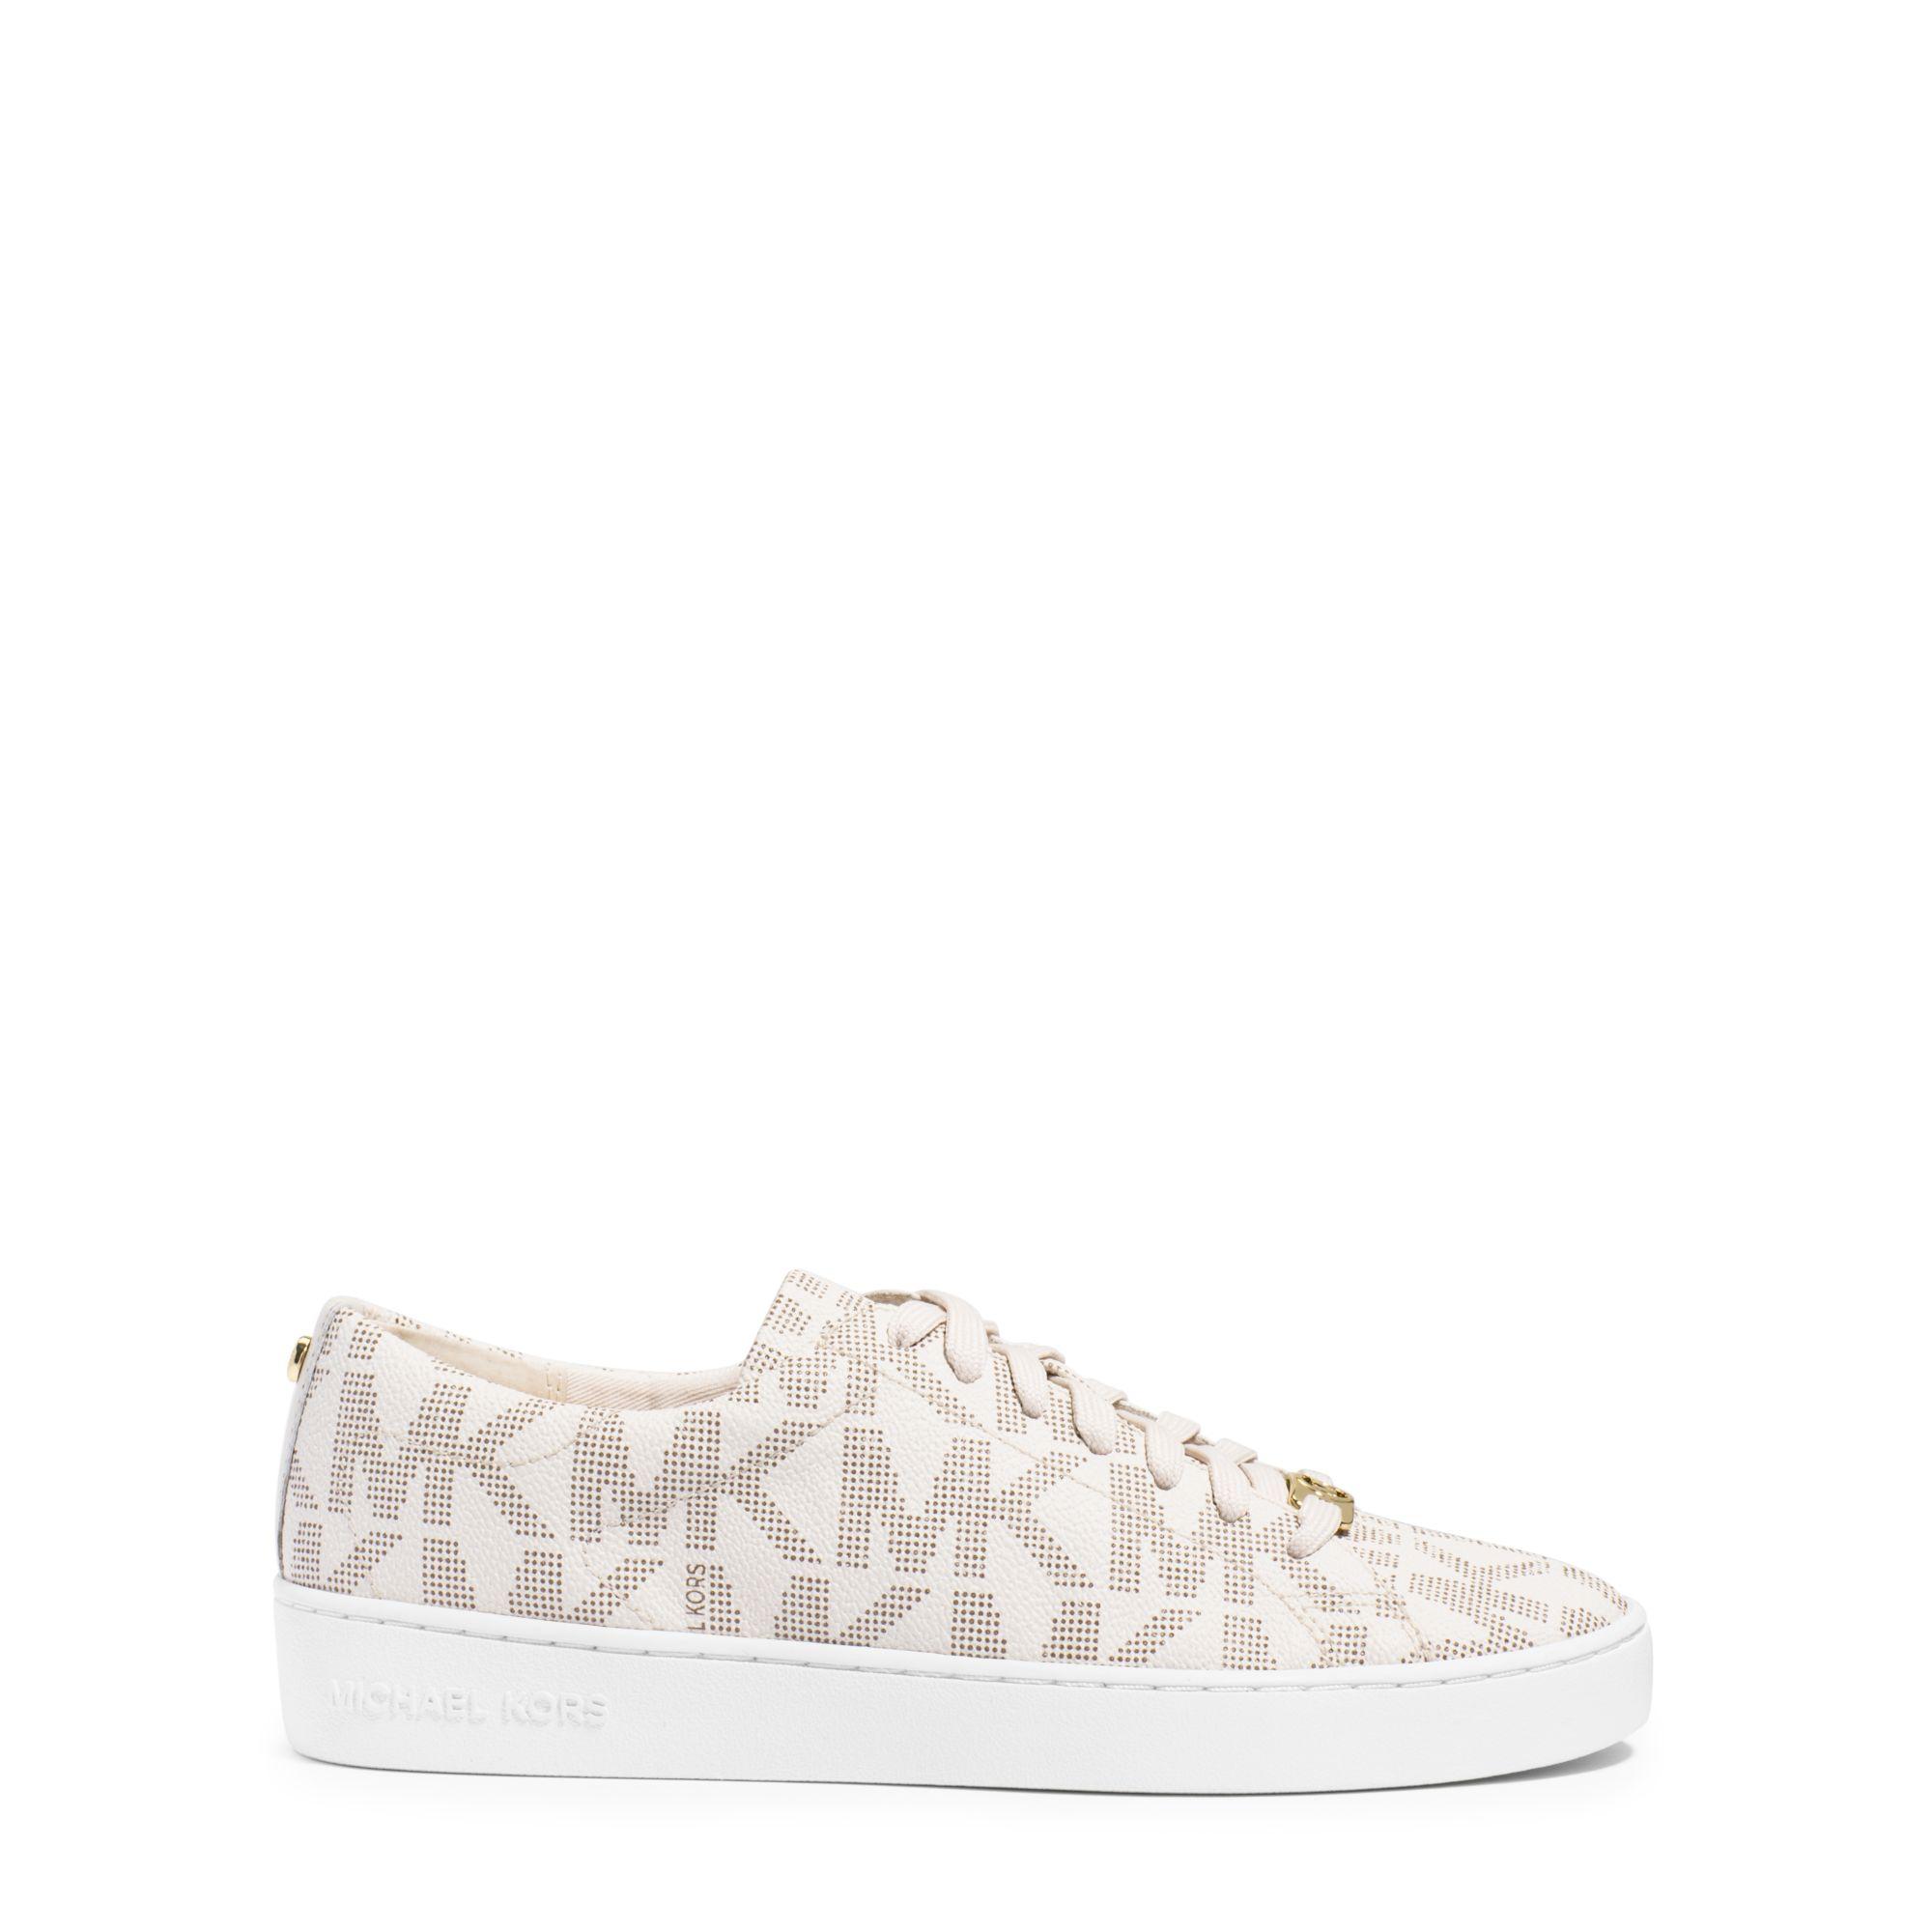 177d9672153 Michael Kors Keaton Logo Sneaker in White - Lyst